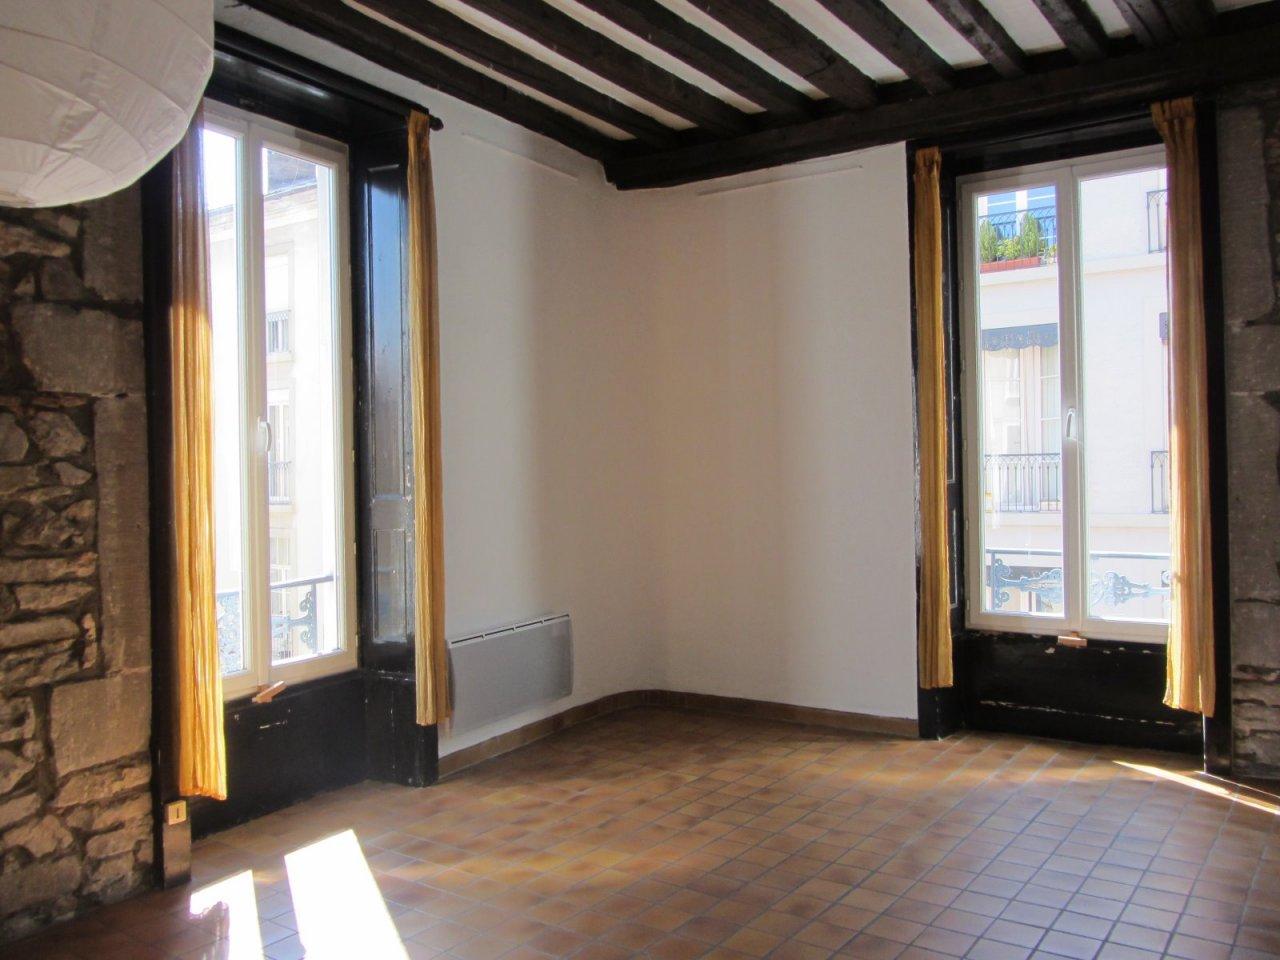 Location appartement Grenoble: quelles sont les mesures à ne pas oublier?